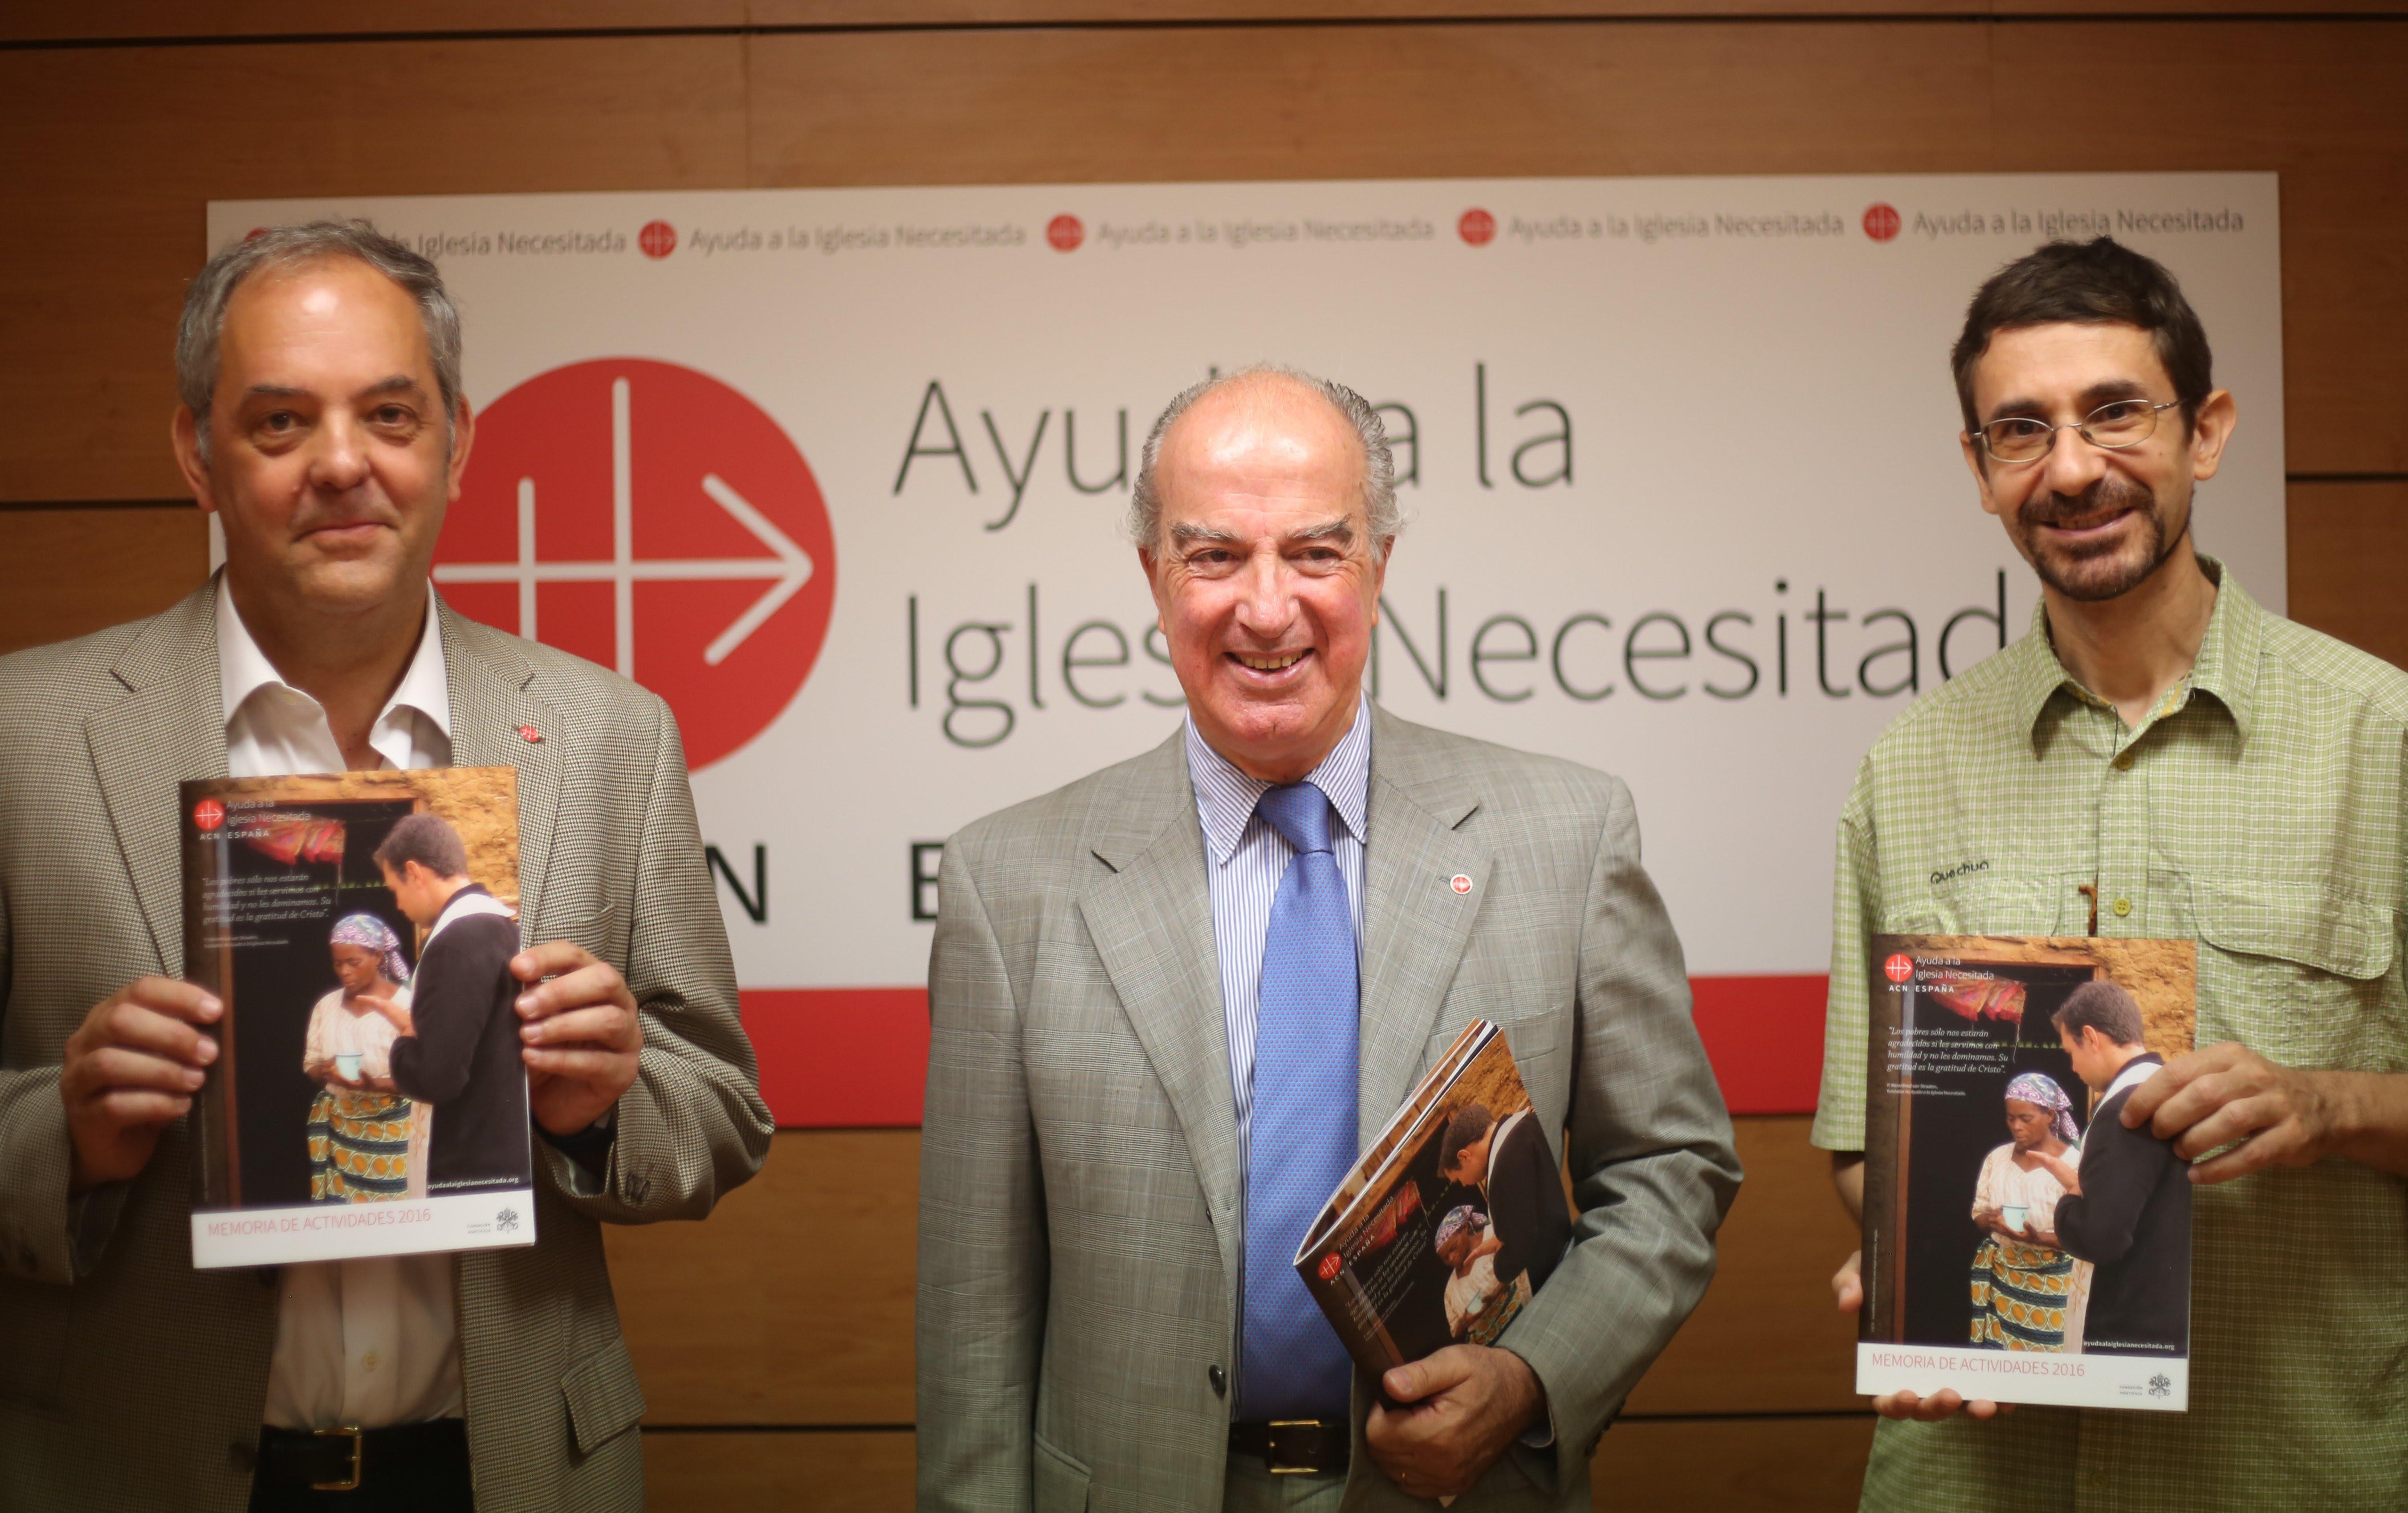 Ayuda a la Iglesia Necesitada recaudó en 2017 16,9 millones de euros